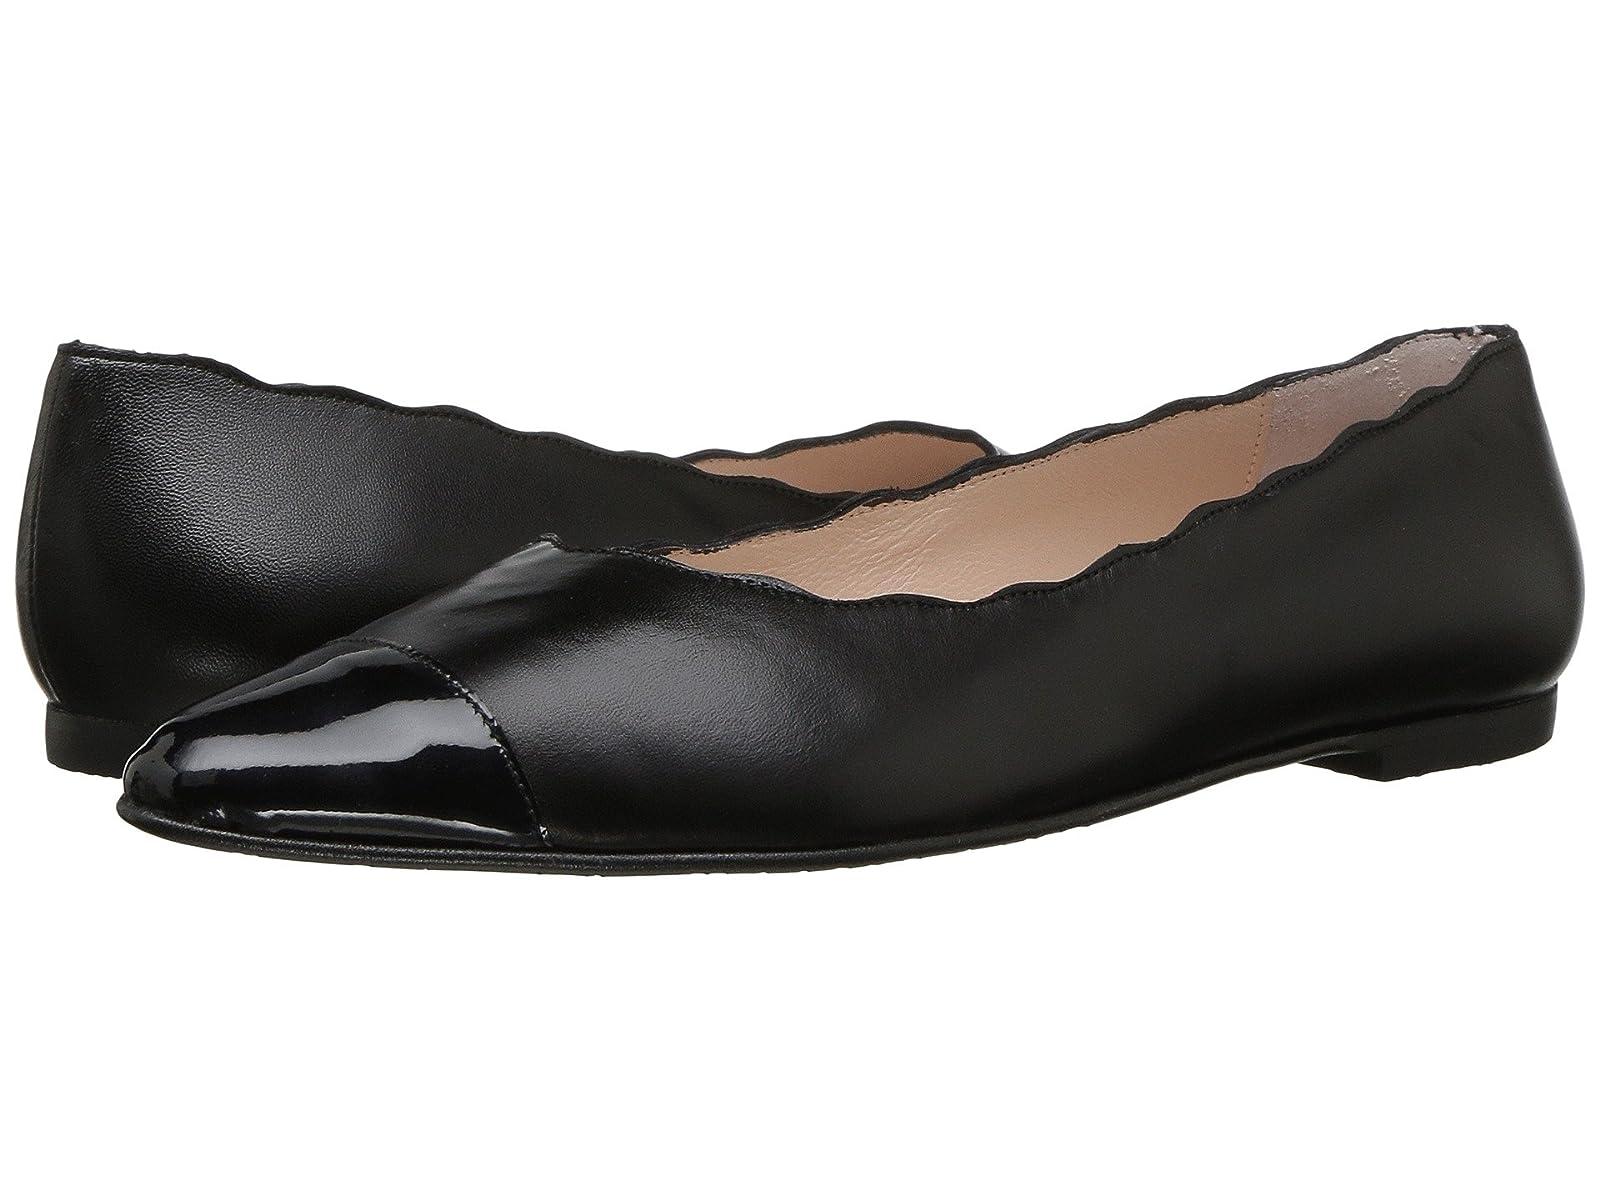 homme / femme femme femme de façon structurée - tundra bottes misty. 9dee40